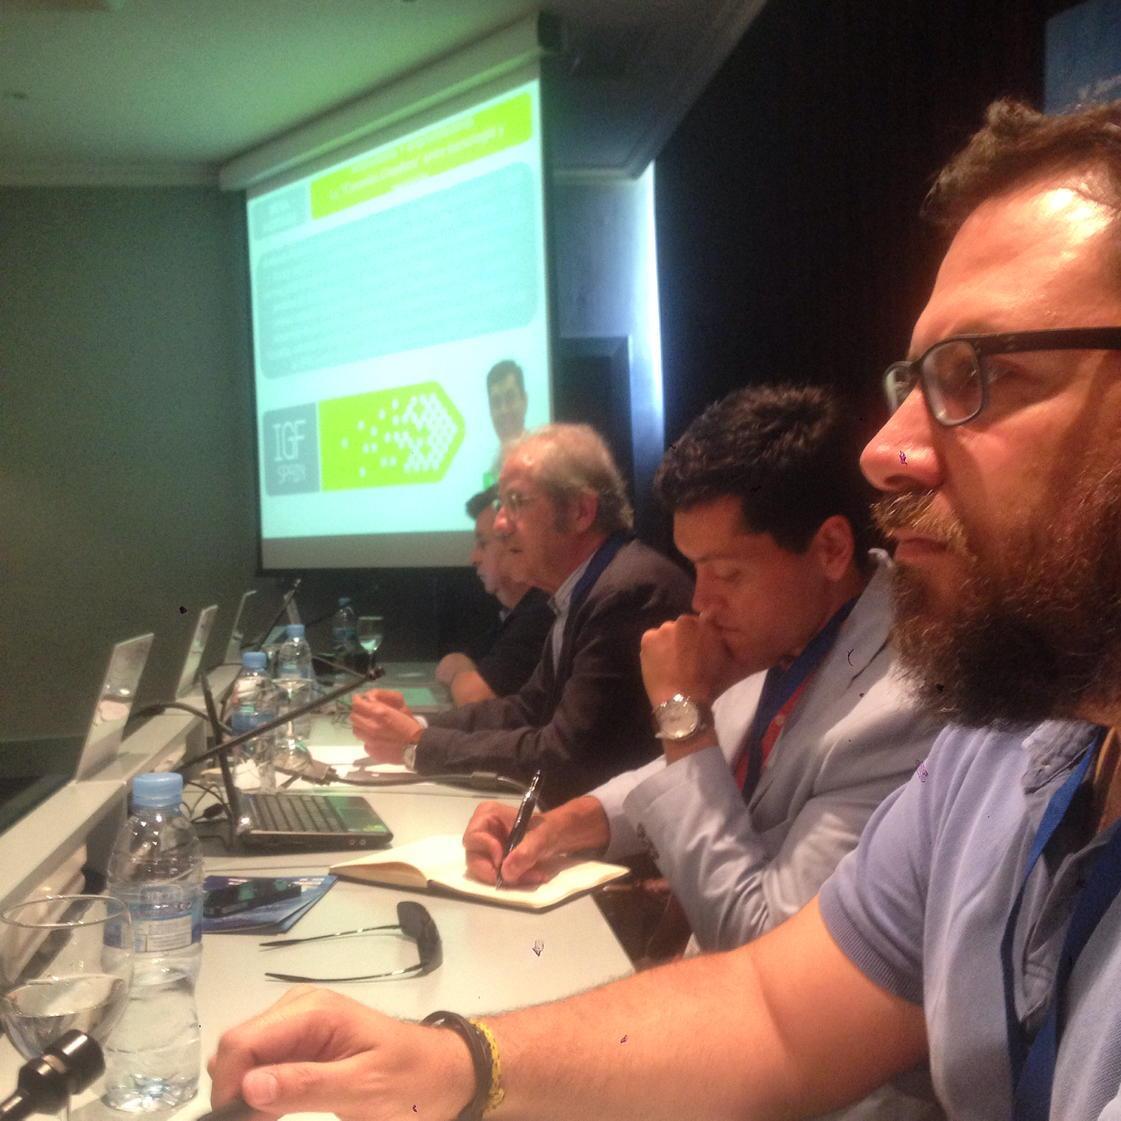 El rictus del emprendedor en #igfemprende con @abarbero @amfumero y Cesar Ullastres http://t.co/y5JyT4KmA6